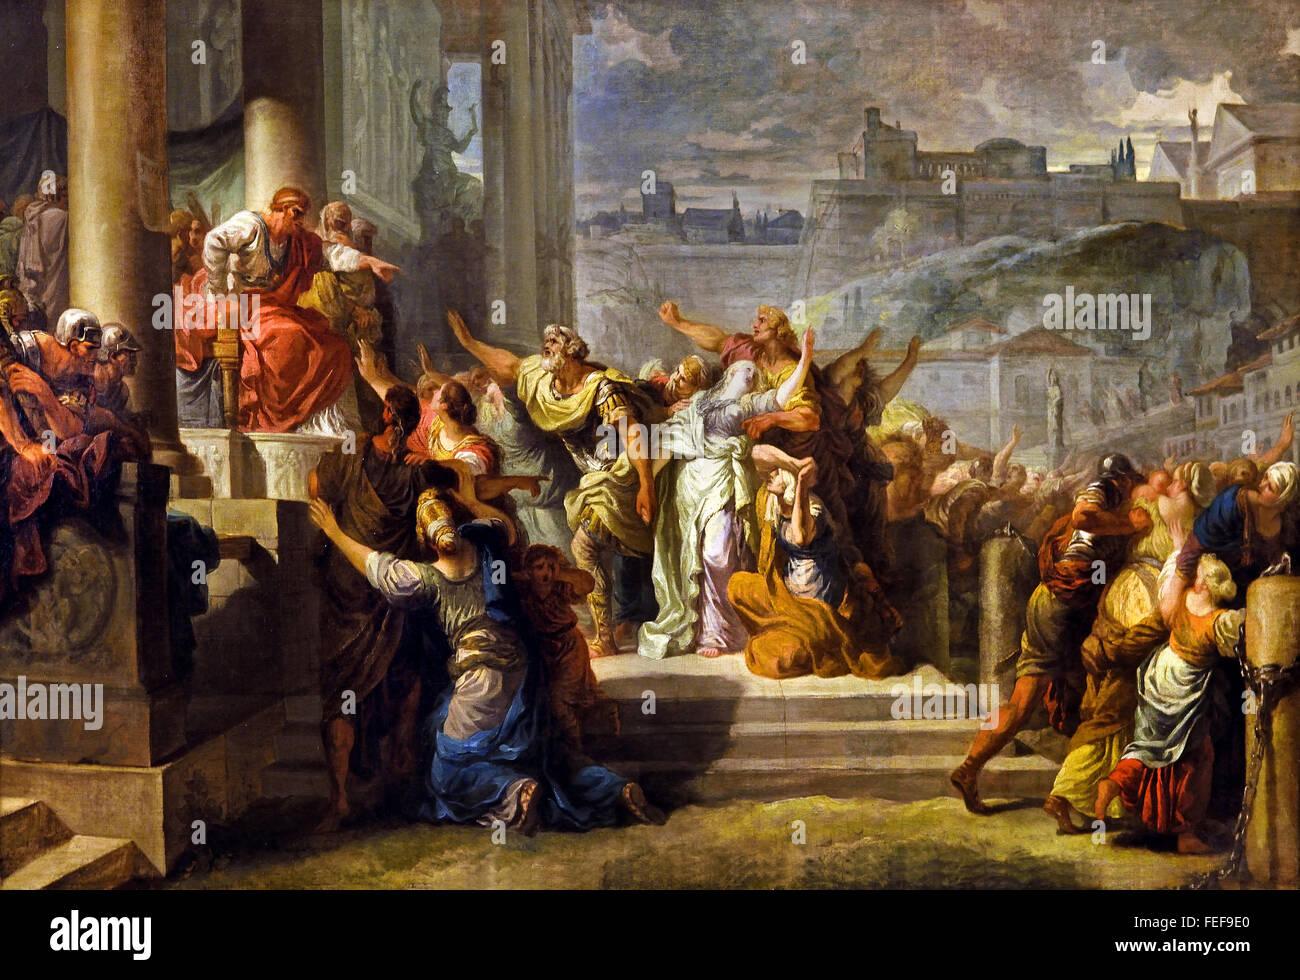 La Mort de Virginie - The Death of Verginia 1759 by Gabriel François Doyen 1726-1806   France French ( Verginia - Stock Image